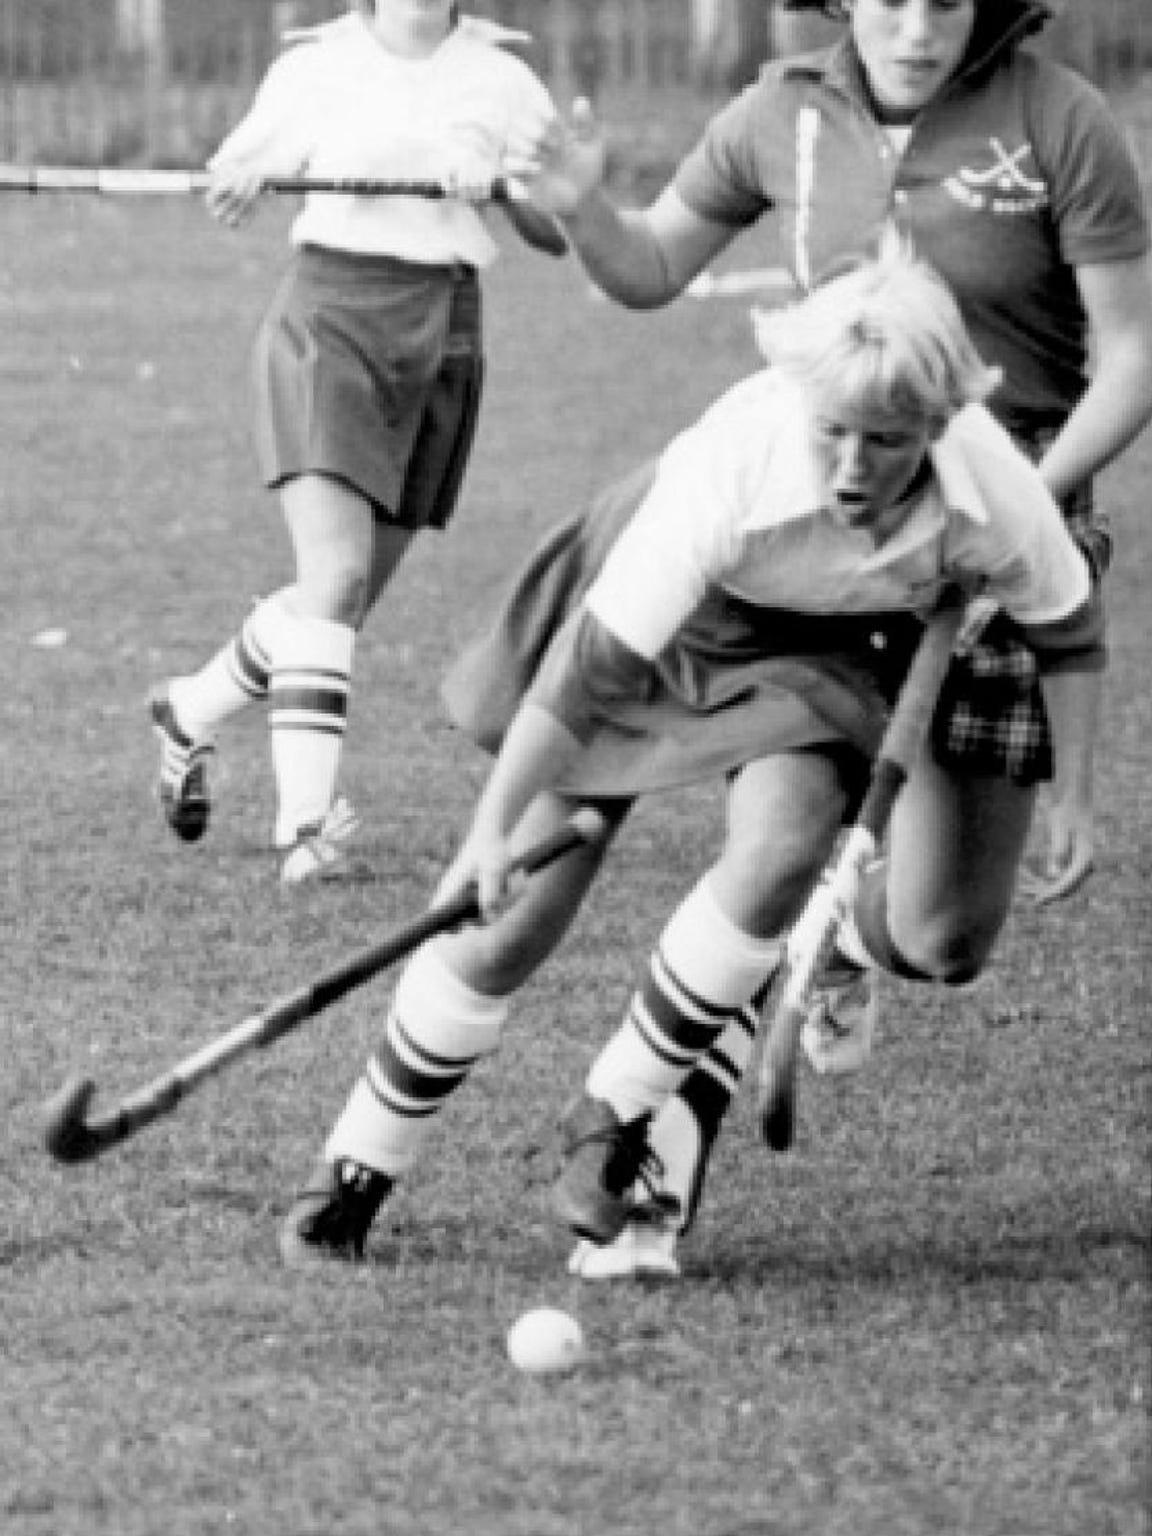 Elizabeth Ferrara played for Rutgers field hockey from